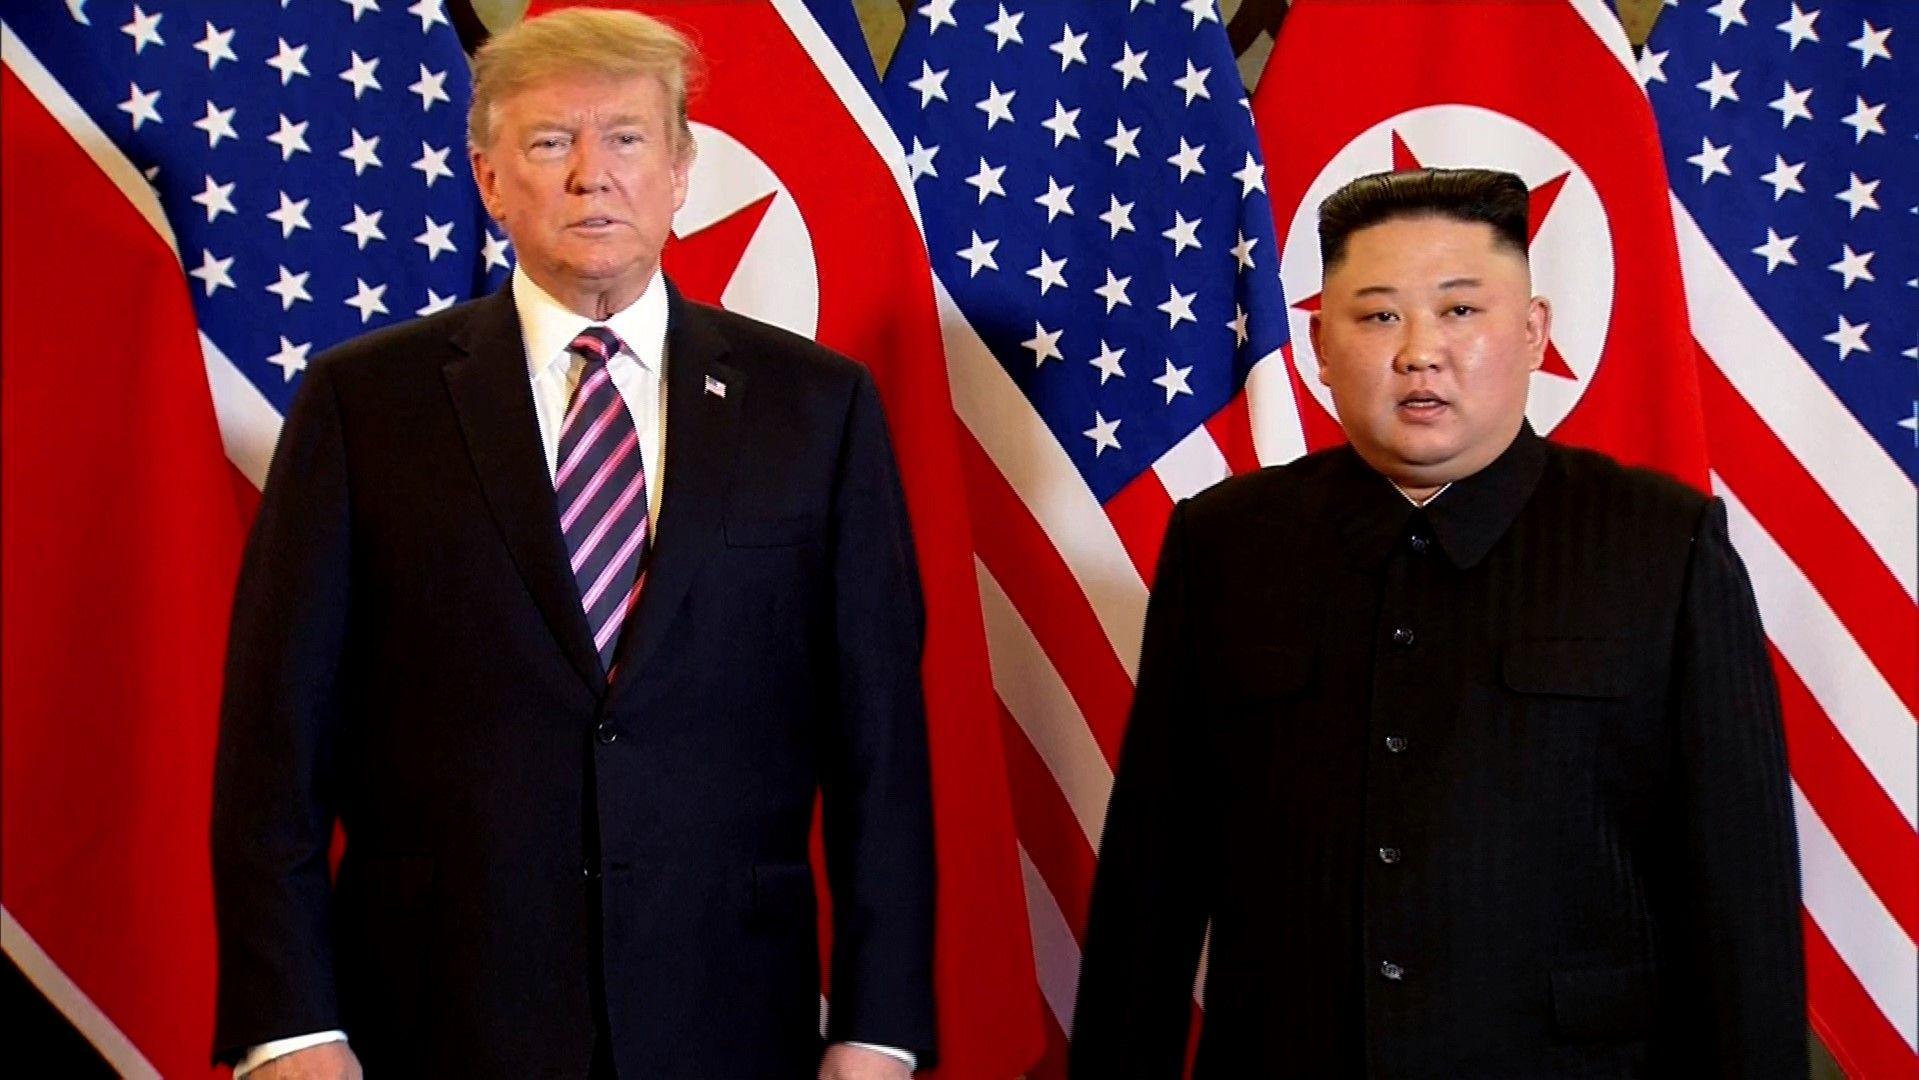 Въпреки неуспеха Доналд Тръмп и Ким Чен-ун се разделили приятелски